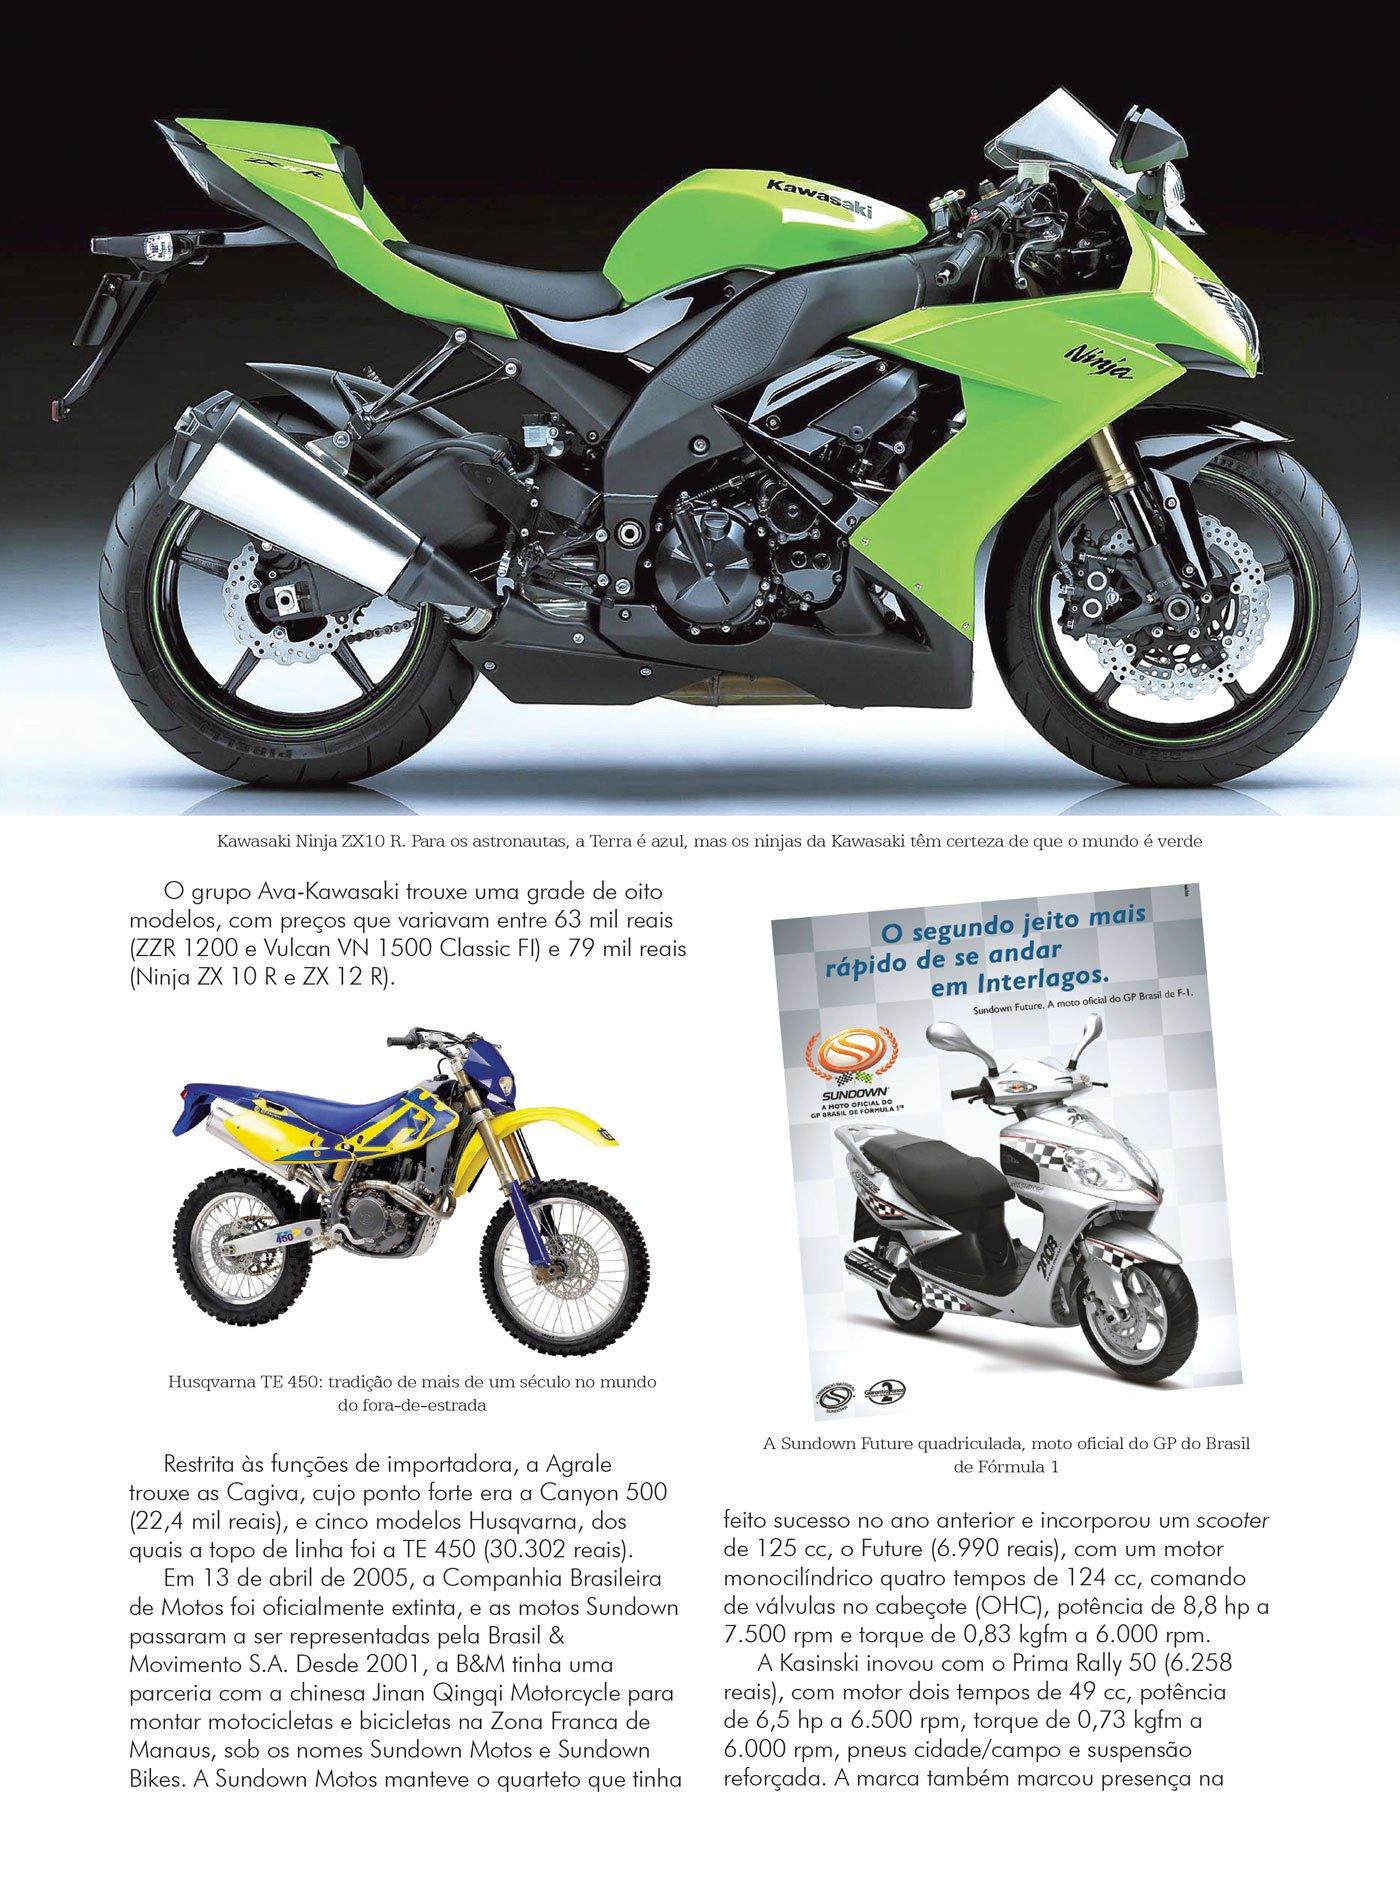 Motocicleta, A Evolucao das Maquinas Que Conquista (Em ...